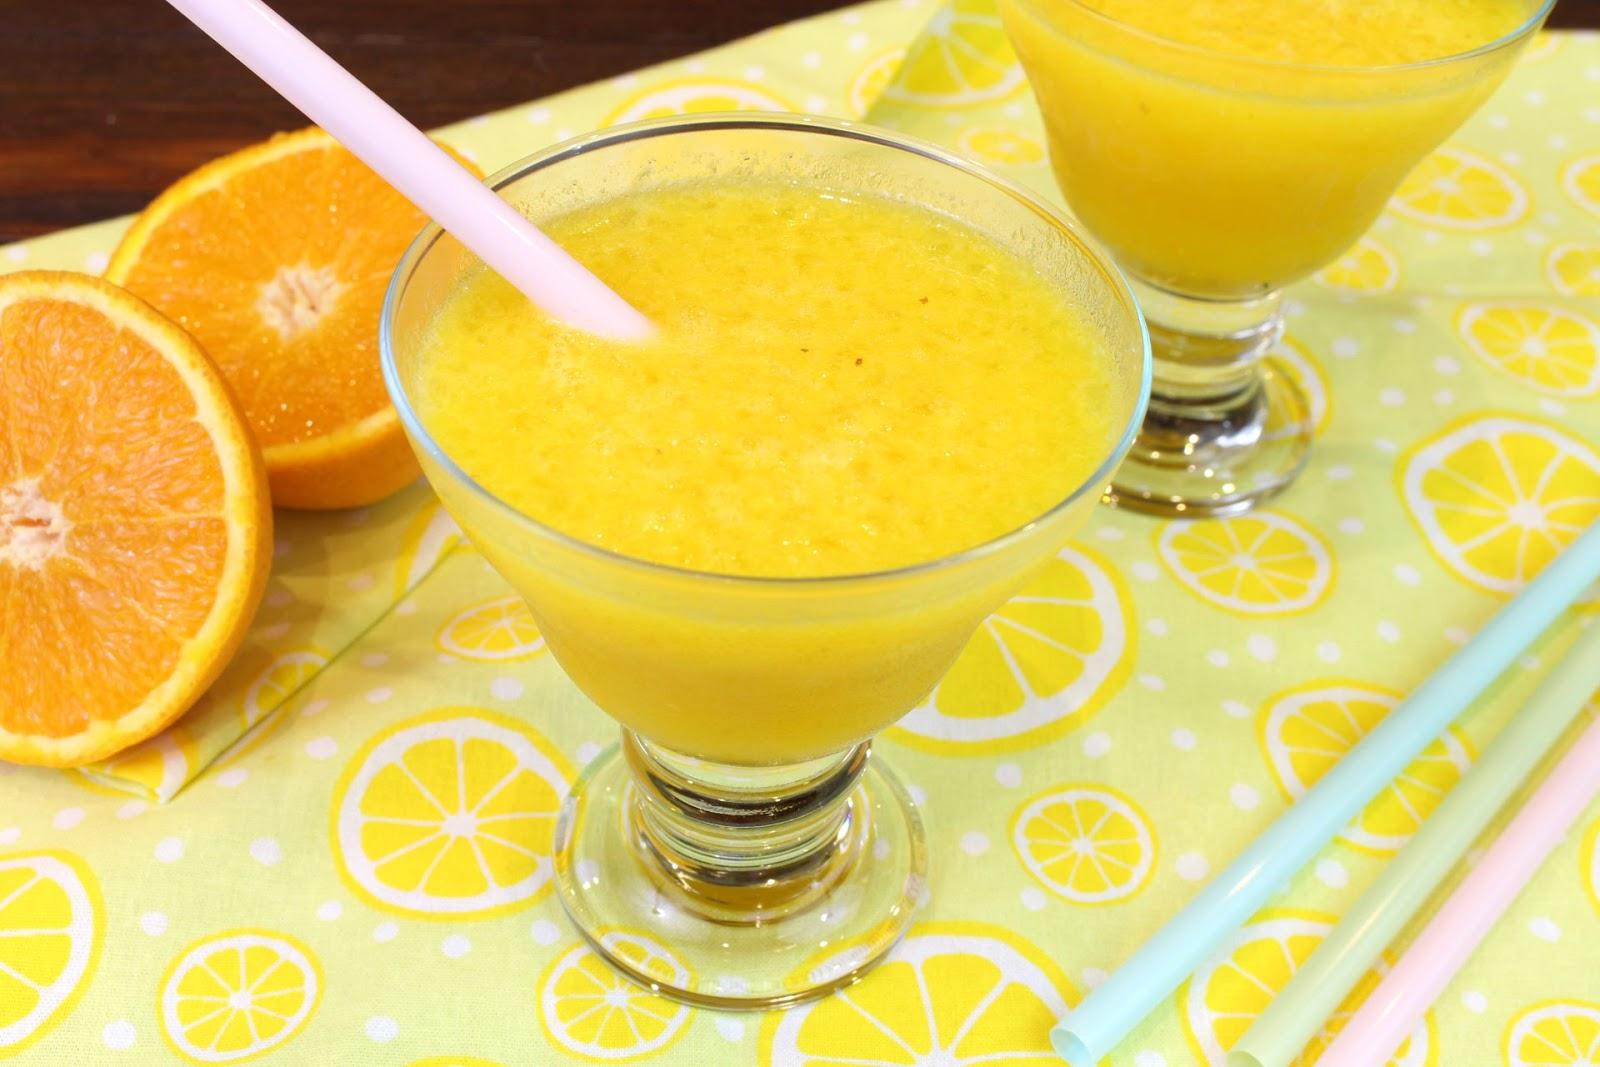 Receta de granizado de naranja con Thermomix